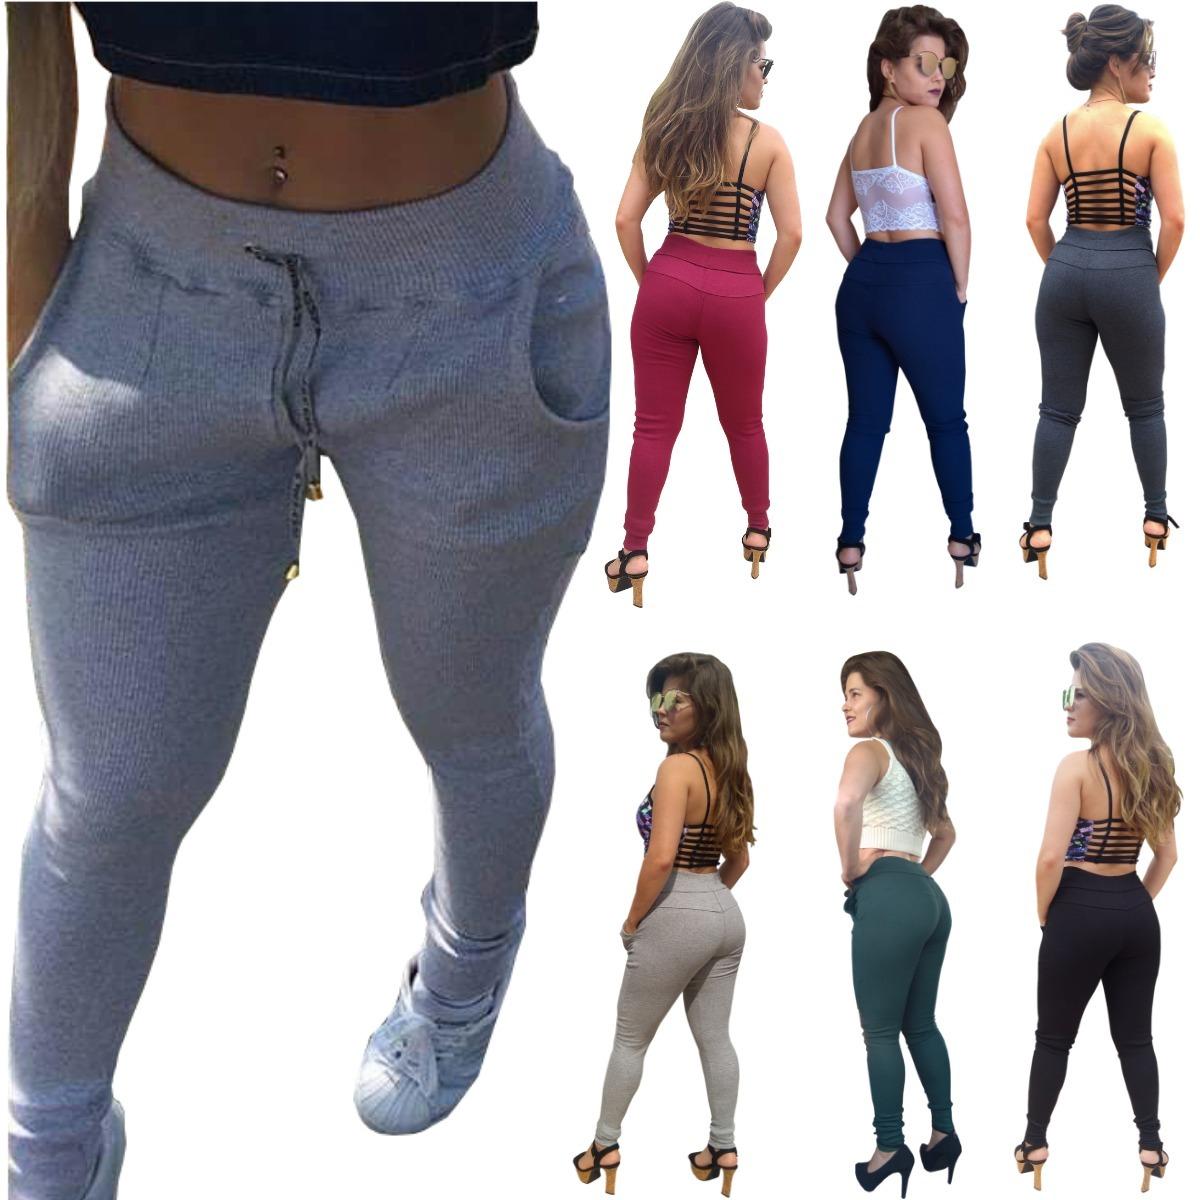 44a76ff2d kit 2 calça feminina justa skinny cintura alta promoção 2019. Carregando  zoom.